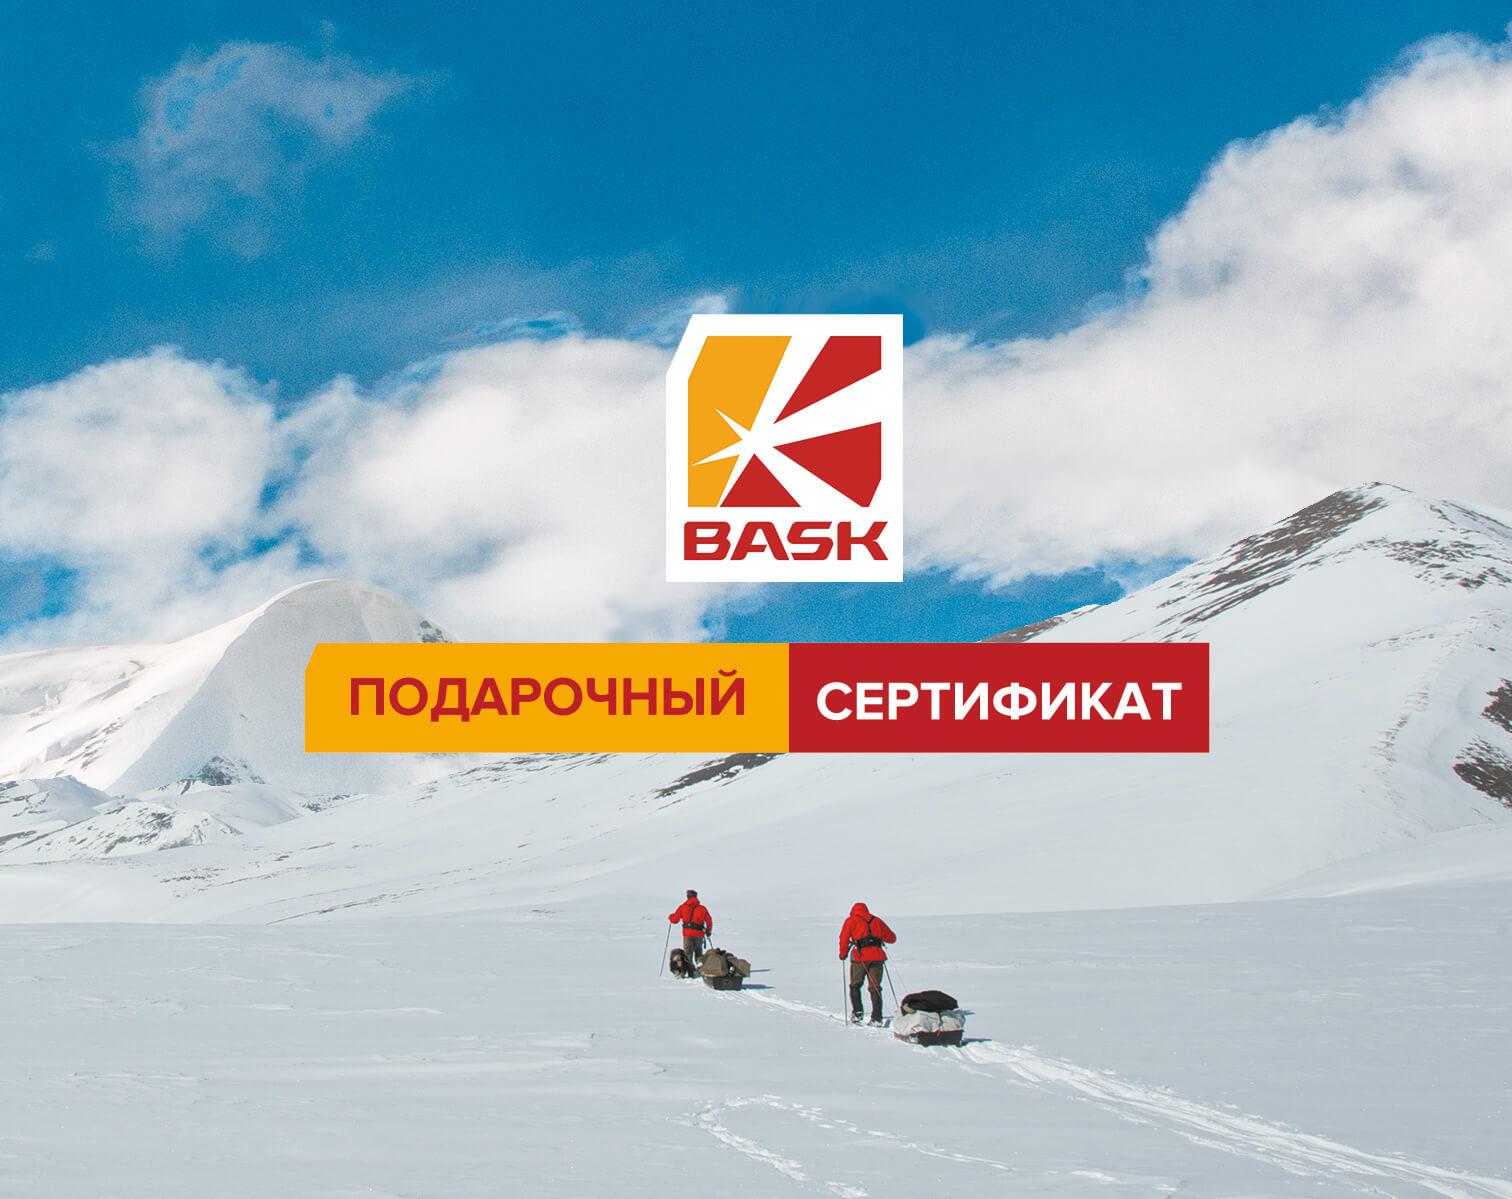 Подарочный Сертификат BASK на 5000 рублей фото